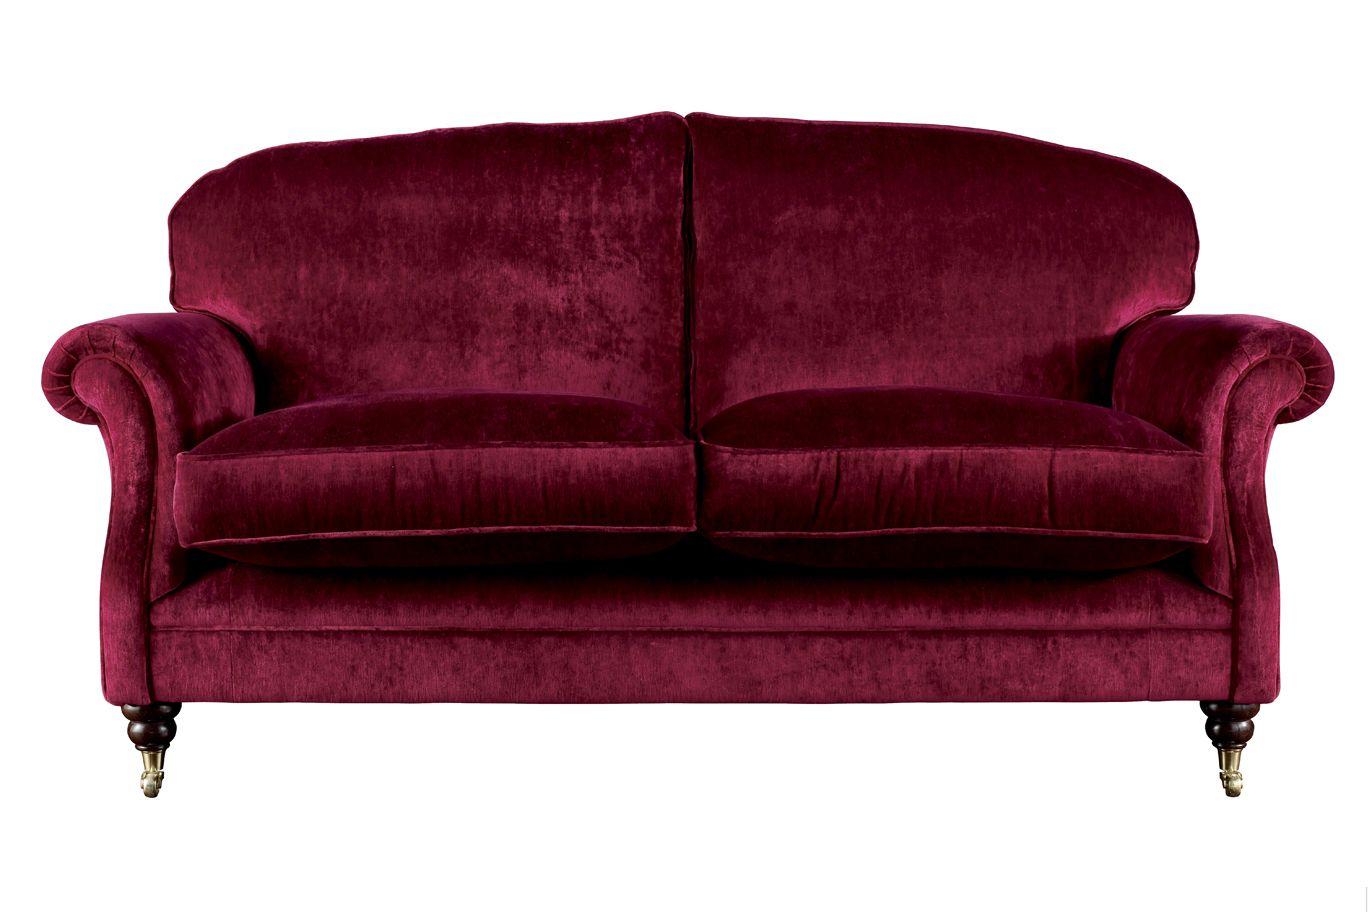 Laura Ashley Furniture Uk British Home Interiors Brand ...